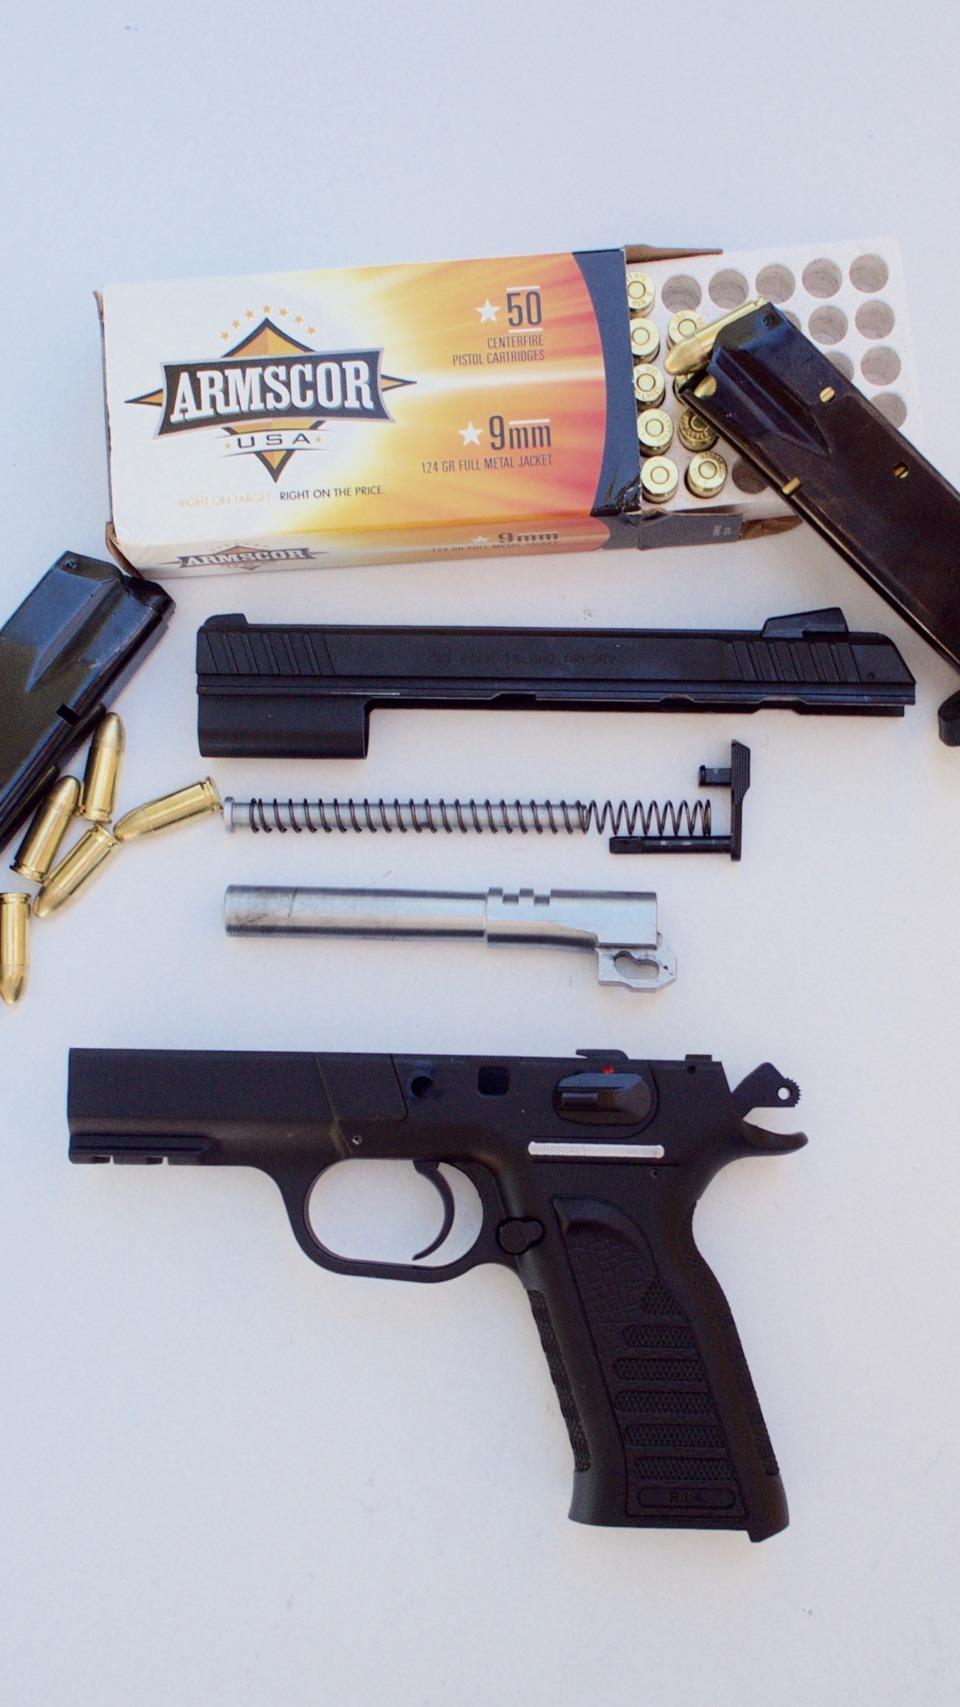 Firearm Review Armscor's MAPP-FS 9mm